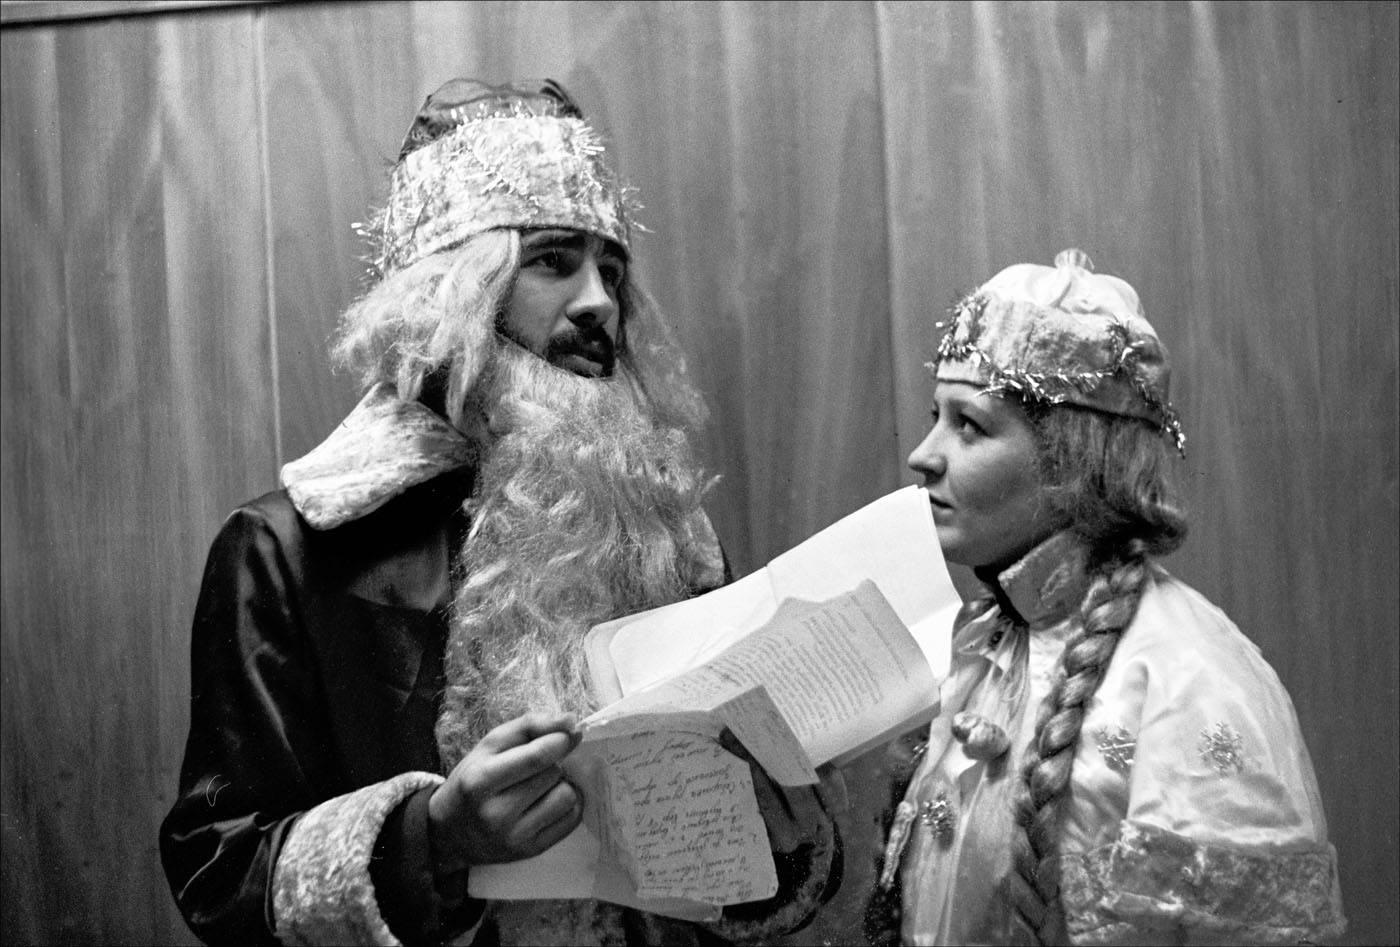 1987. Фирма «Заря» проводит конкурс среди желающих поработать в Новый год Дедами Морозами и Снегурочками. Москва